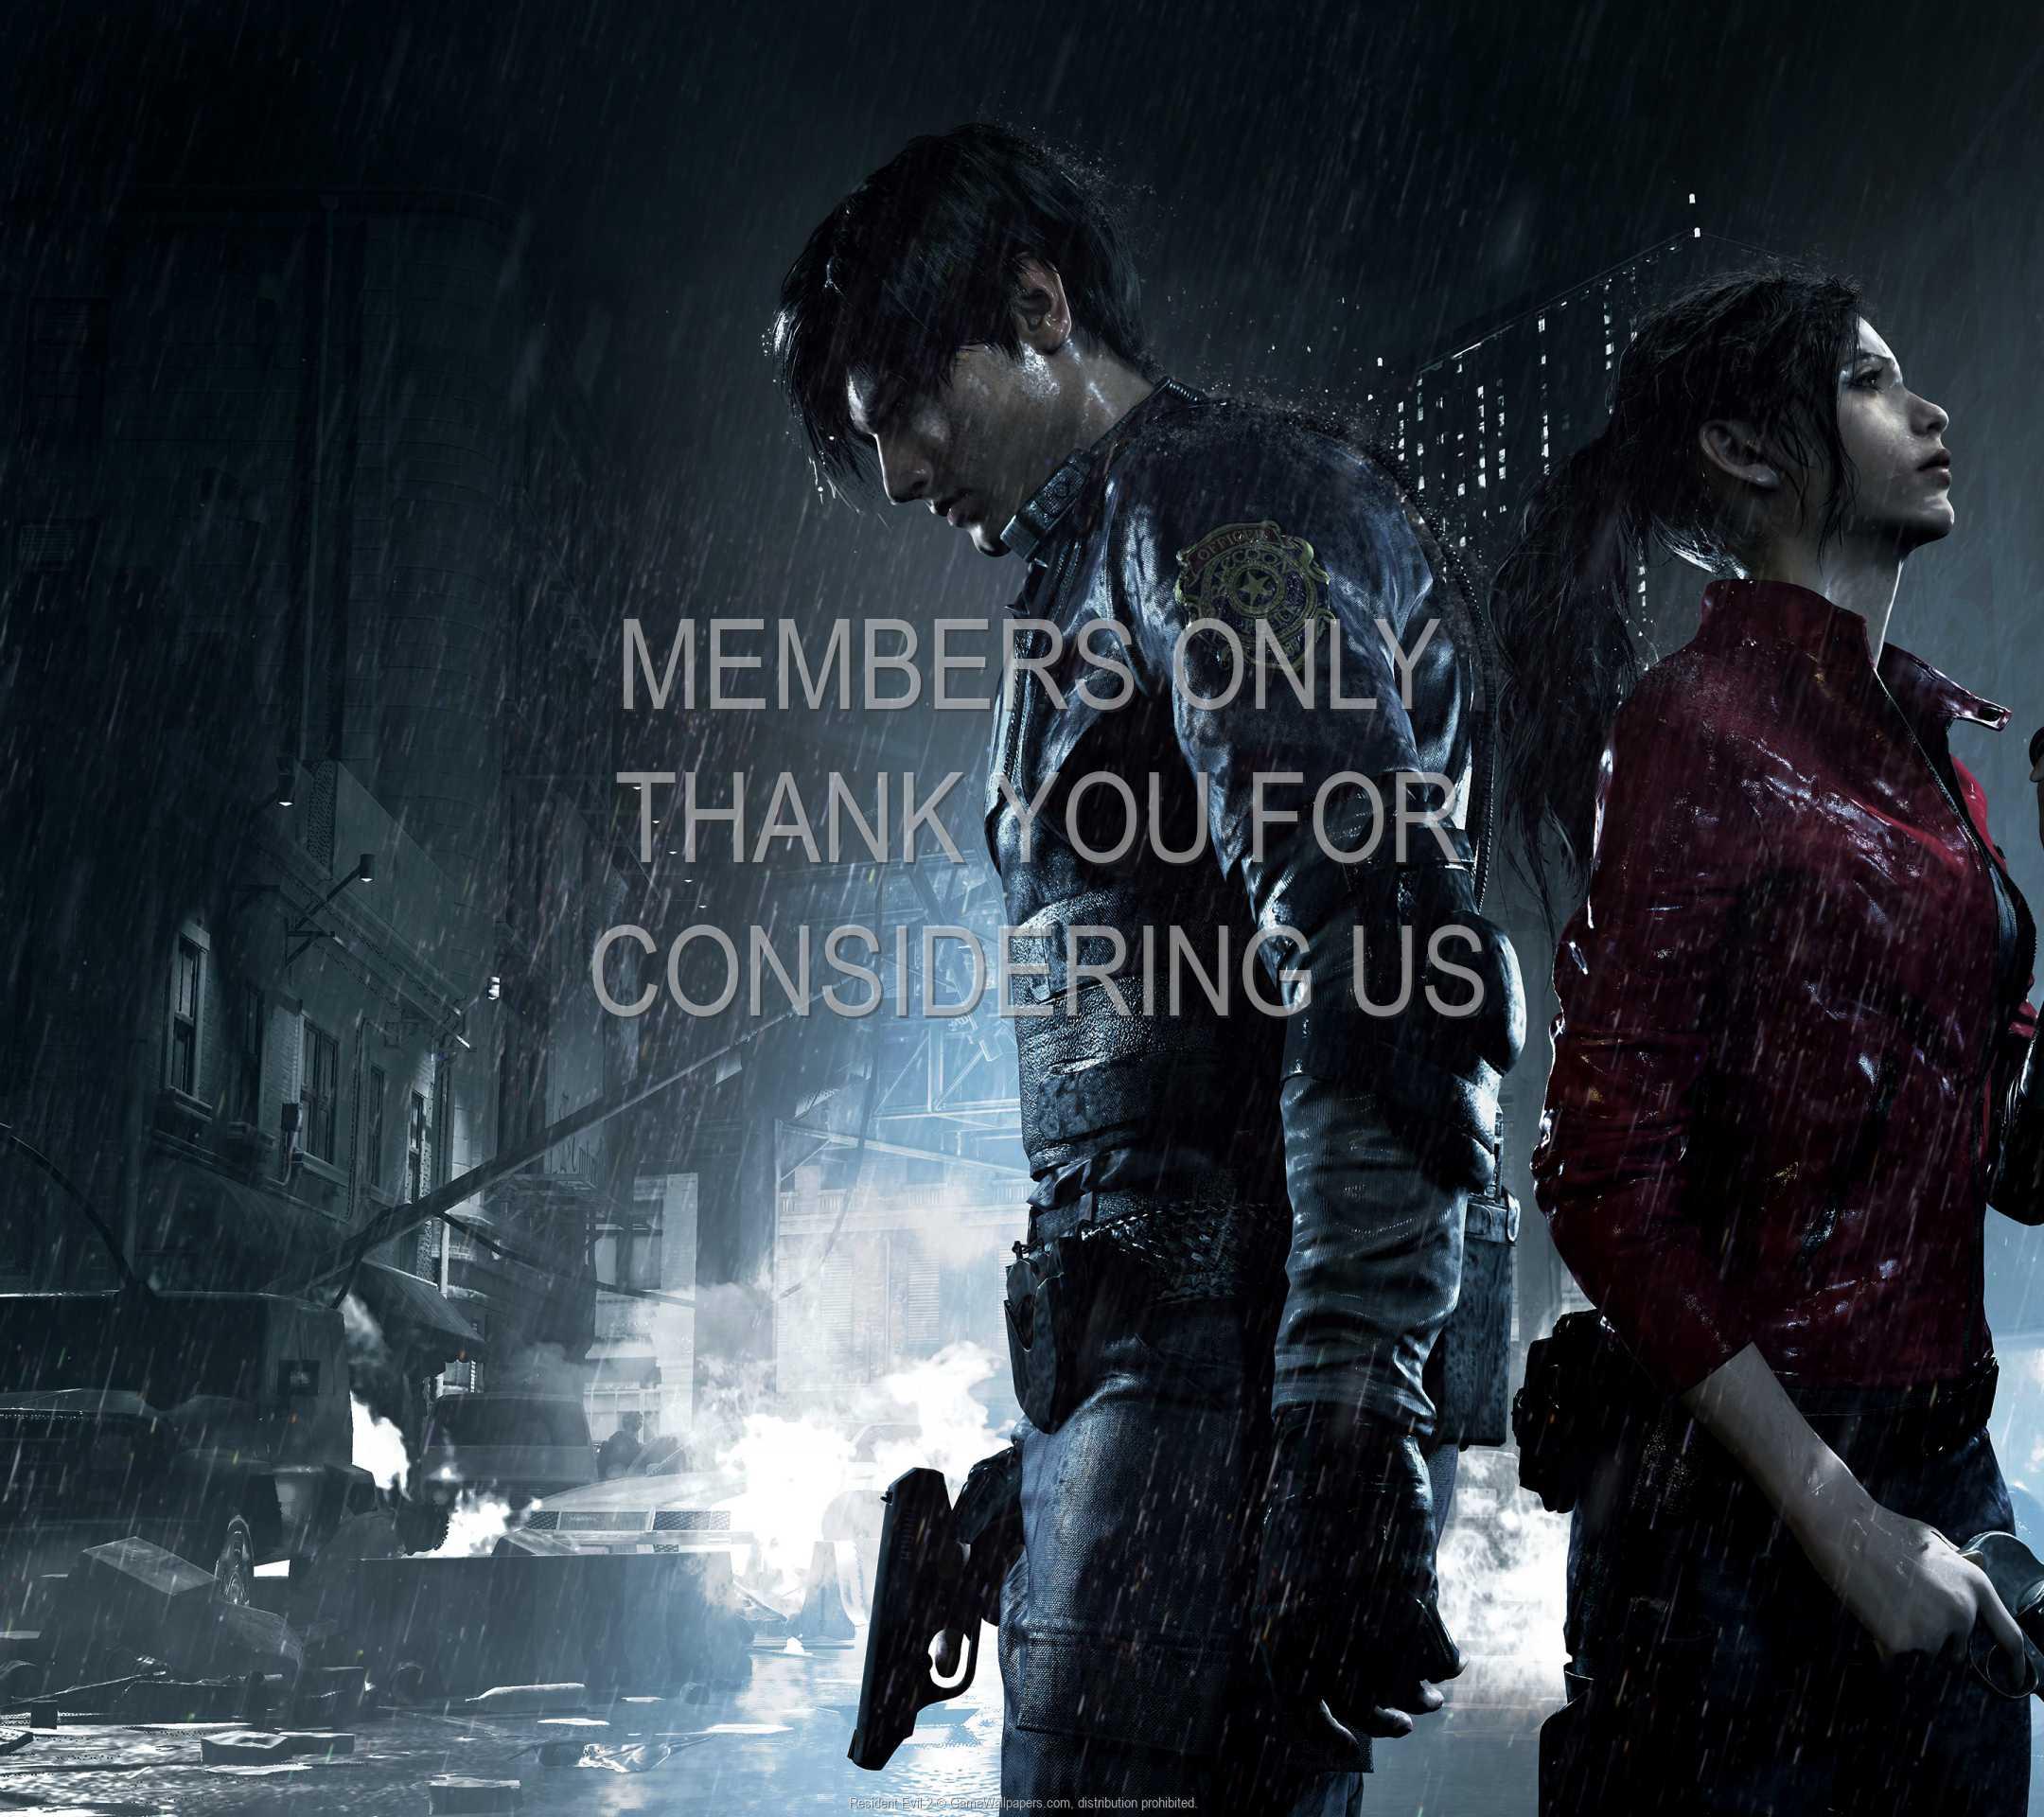 Resident Evil 2 1080p Horizontal Mobile wallpaper or background 01